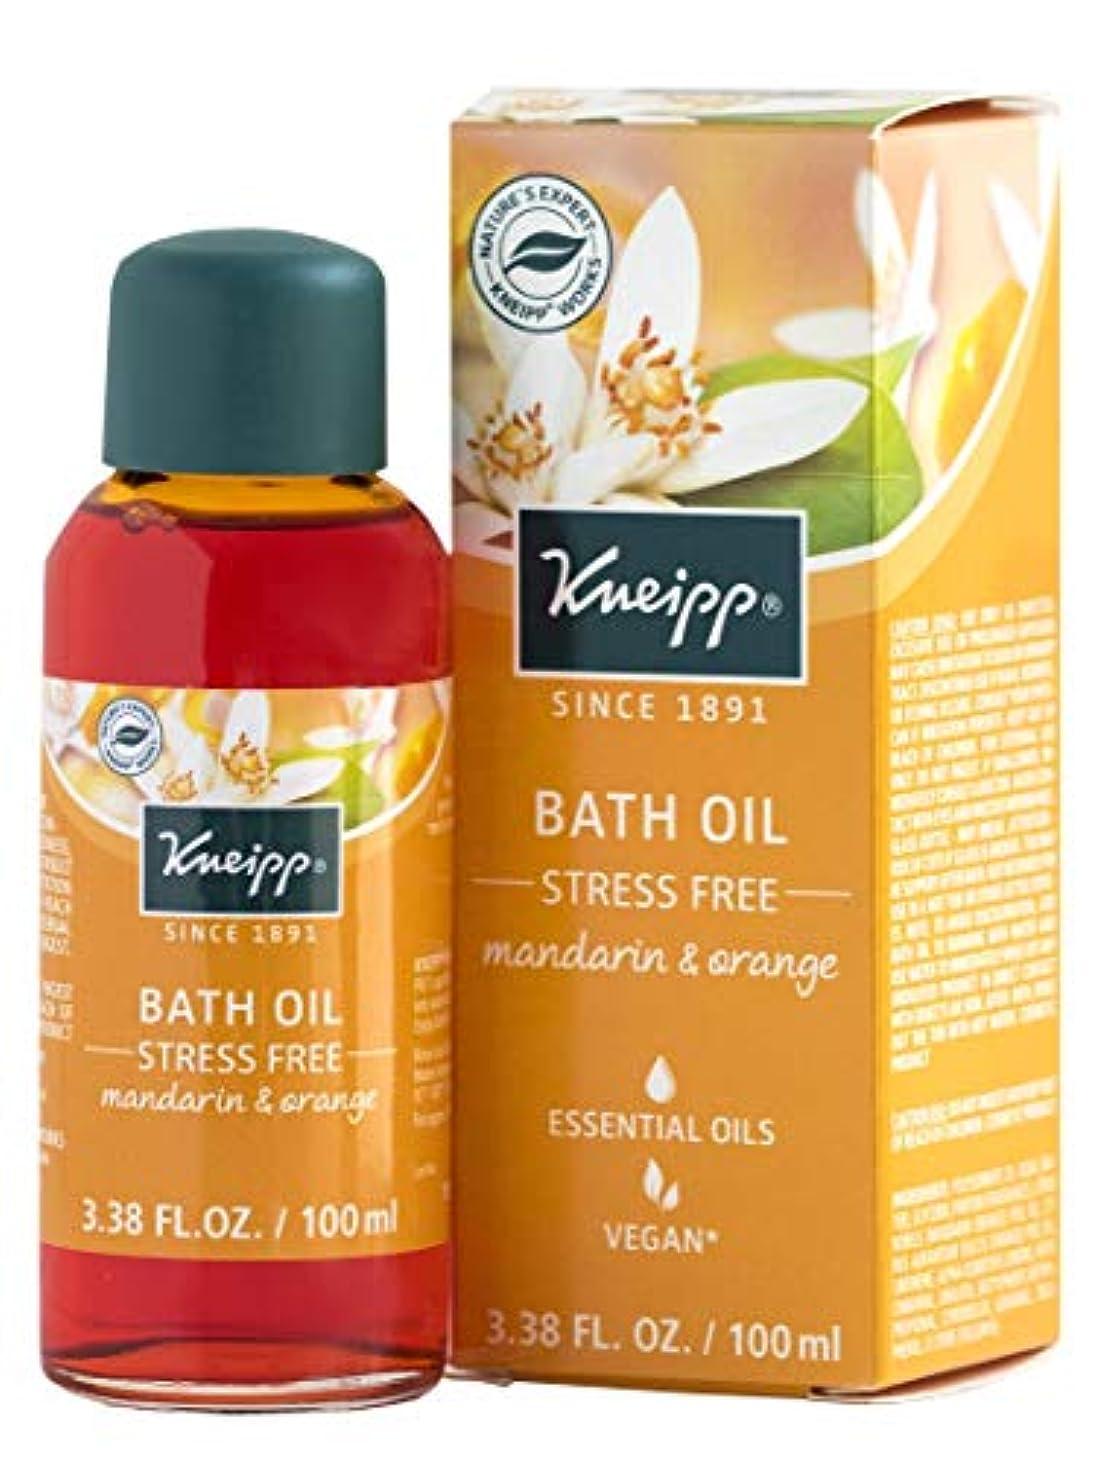 塩コピー霧Kneipp STRESS FREE BATH With Natural Essential Oils MANDARIN & ORANGE 100ml